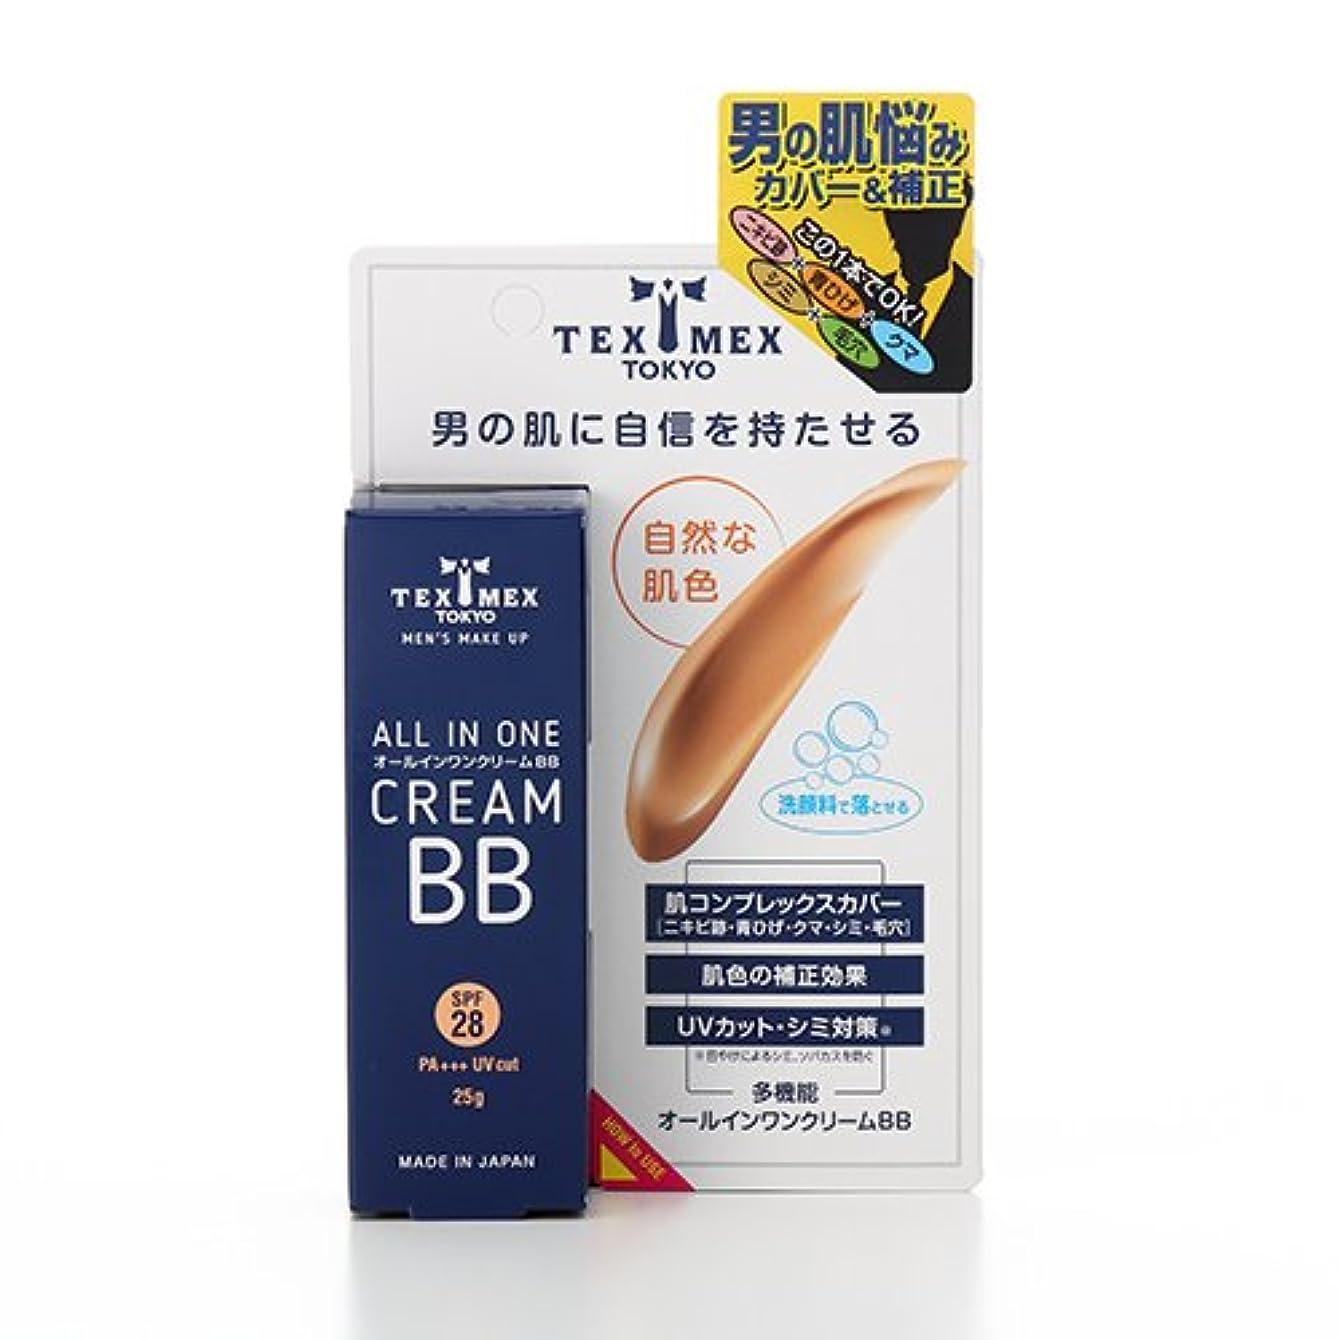 ステーキ歯痛買うテックスメックス オールインワンクリームBB 25g (ファンデーション) 【日焼け止め、ニキビ跡、青ひげカバー】